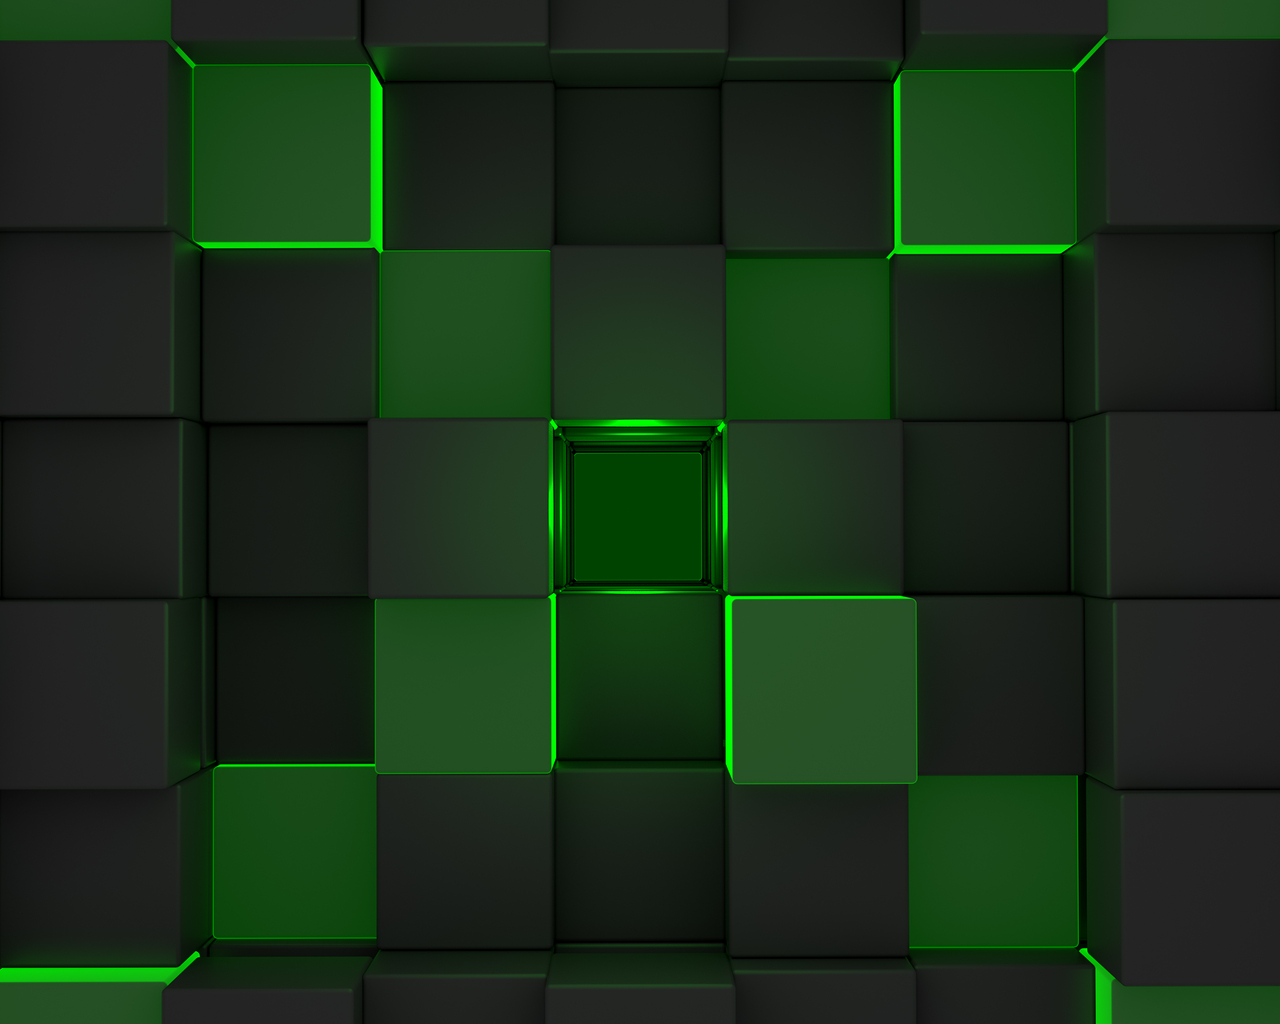 3d-cubes-4k-2i.jpg